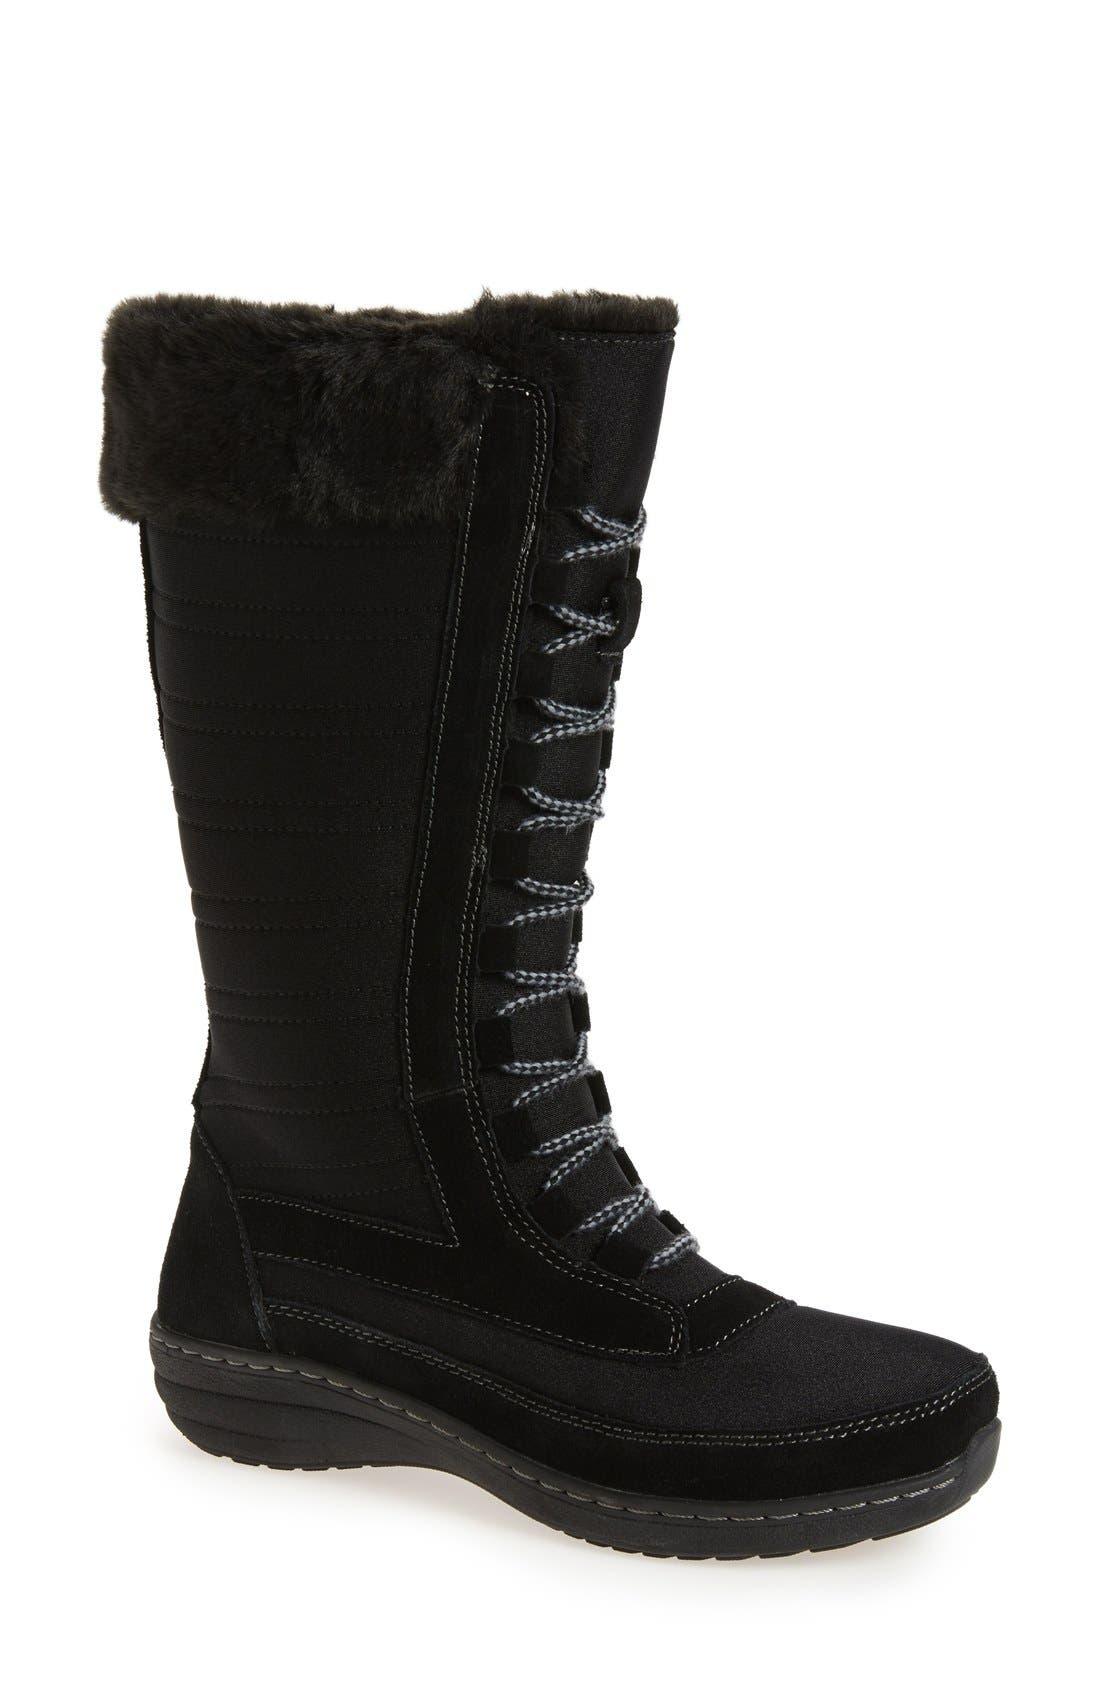 Aetrex Waterproof Lace-Up Boot (Women)